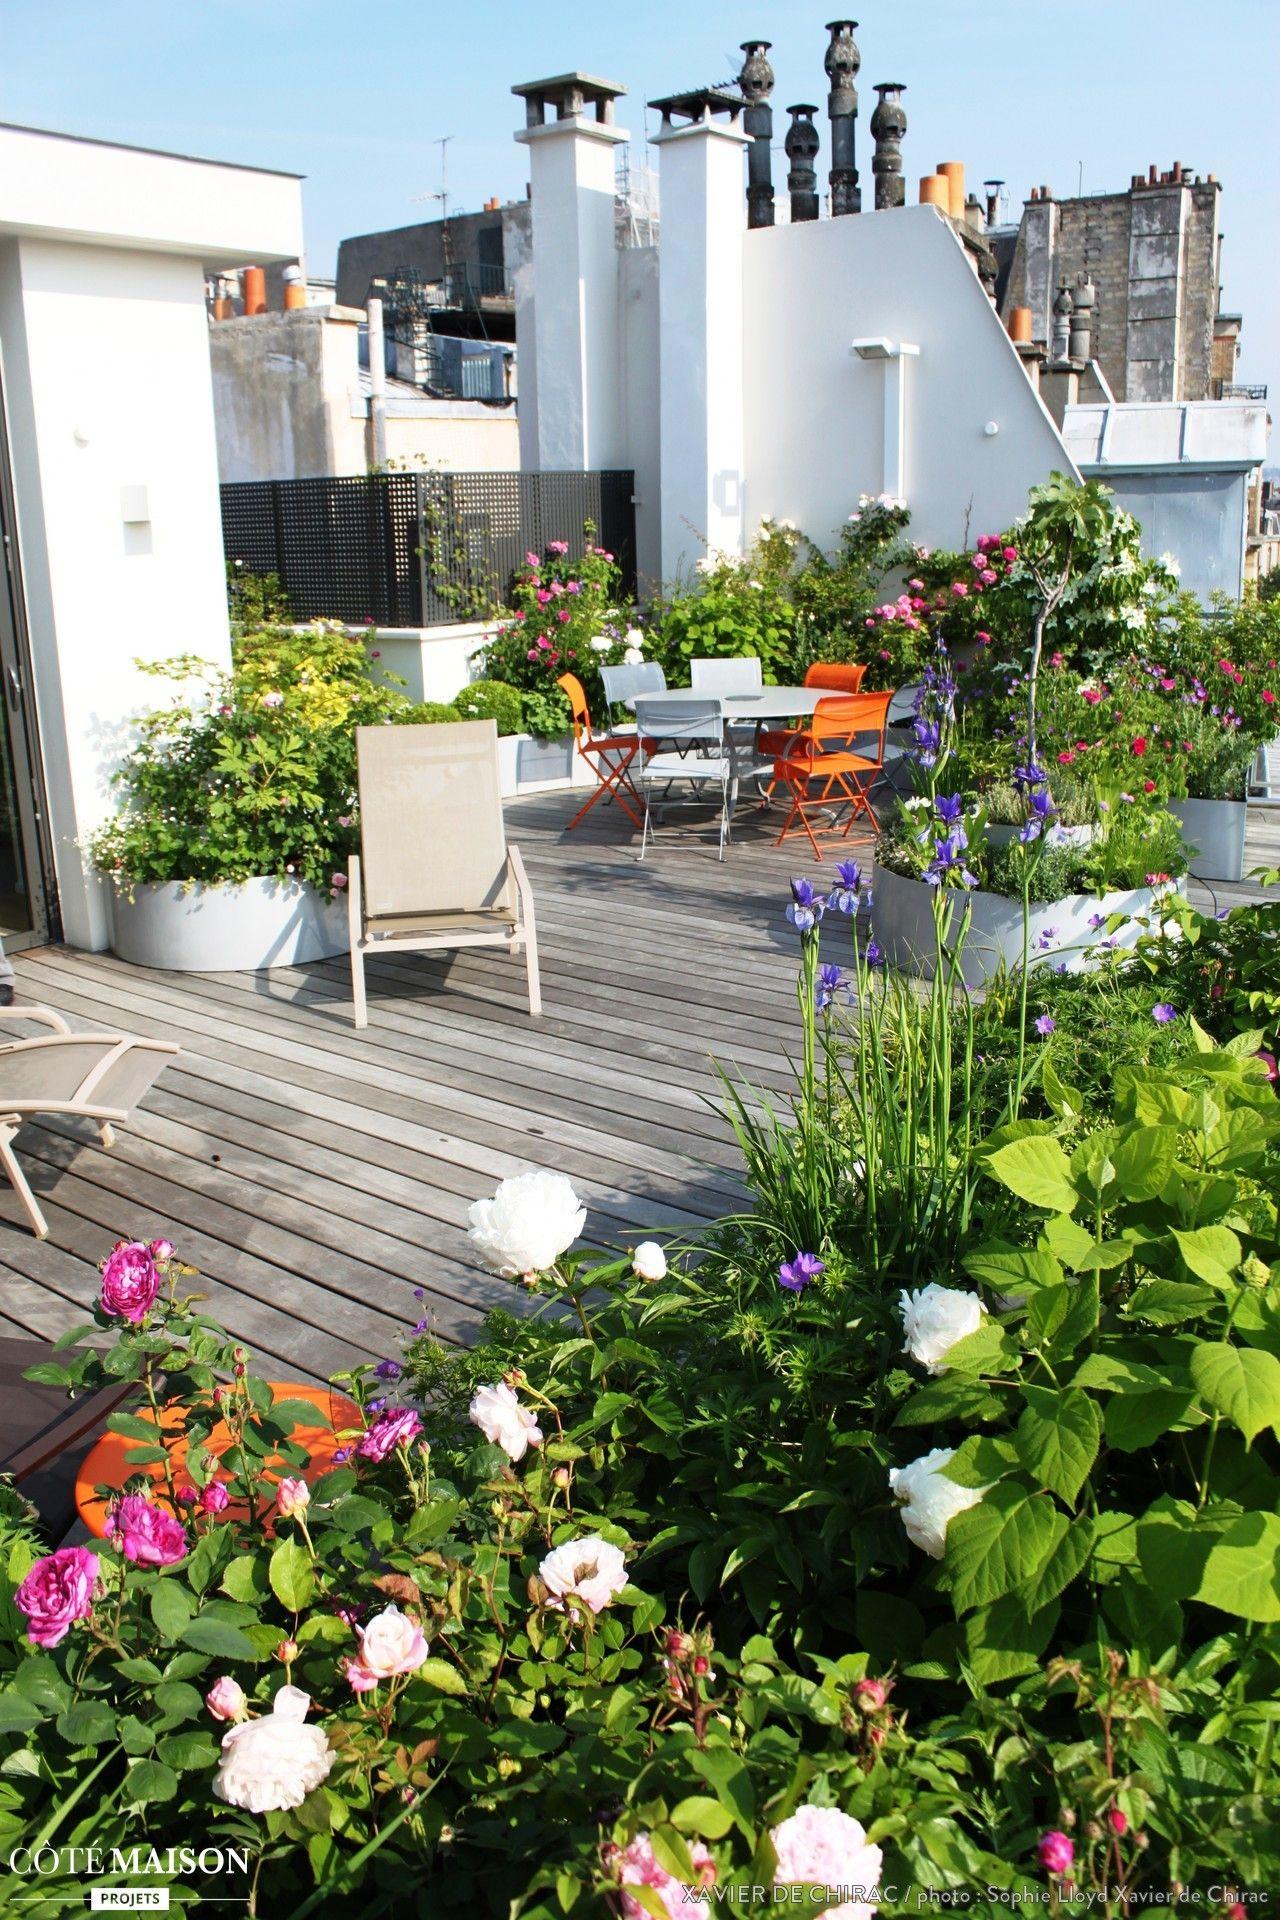 cr ation d 39 une terrasse de fleurs et de fruits xavier de chirac c t maison id es pour la. Black Bedroom Furniture Sets. Home Design Ideas